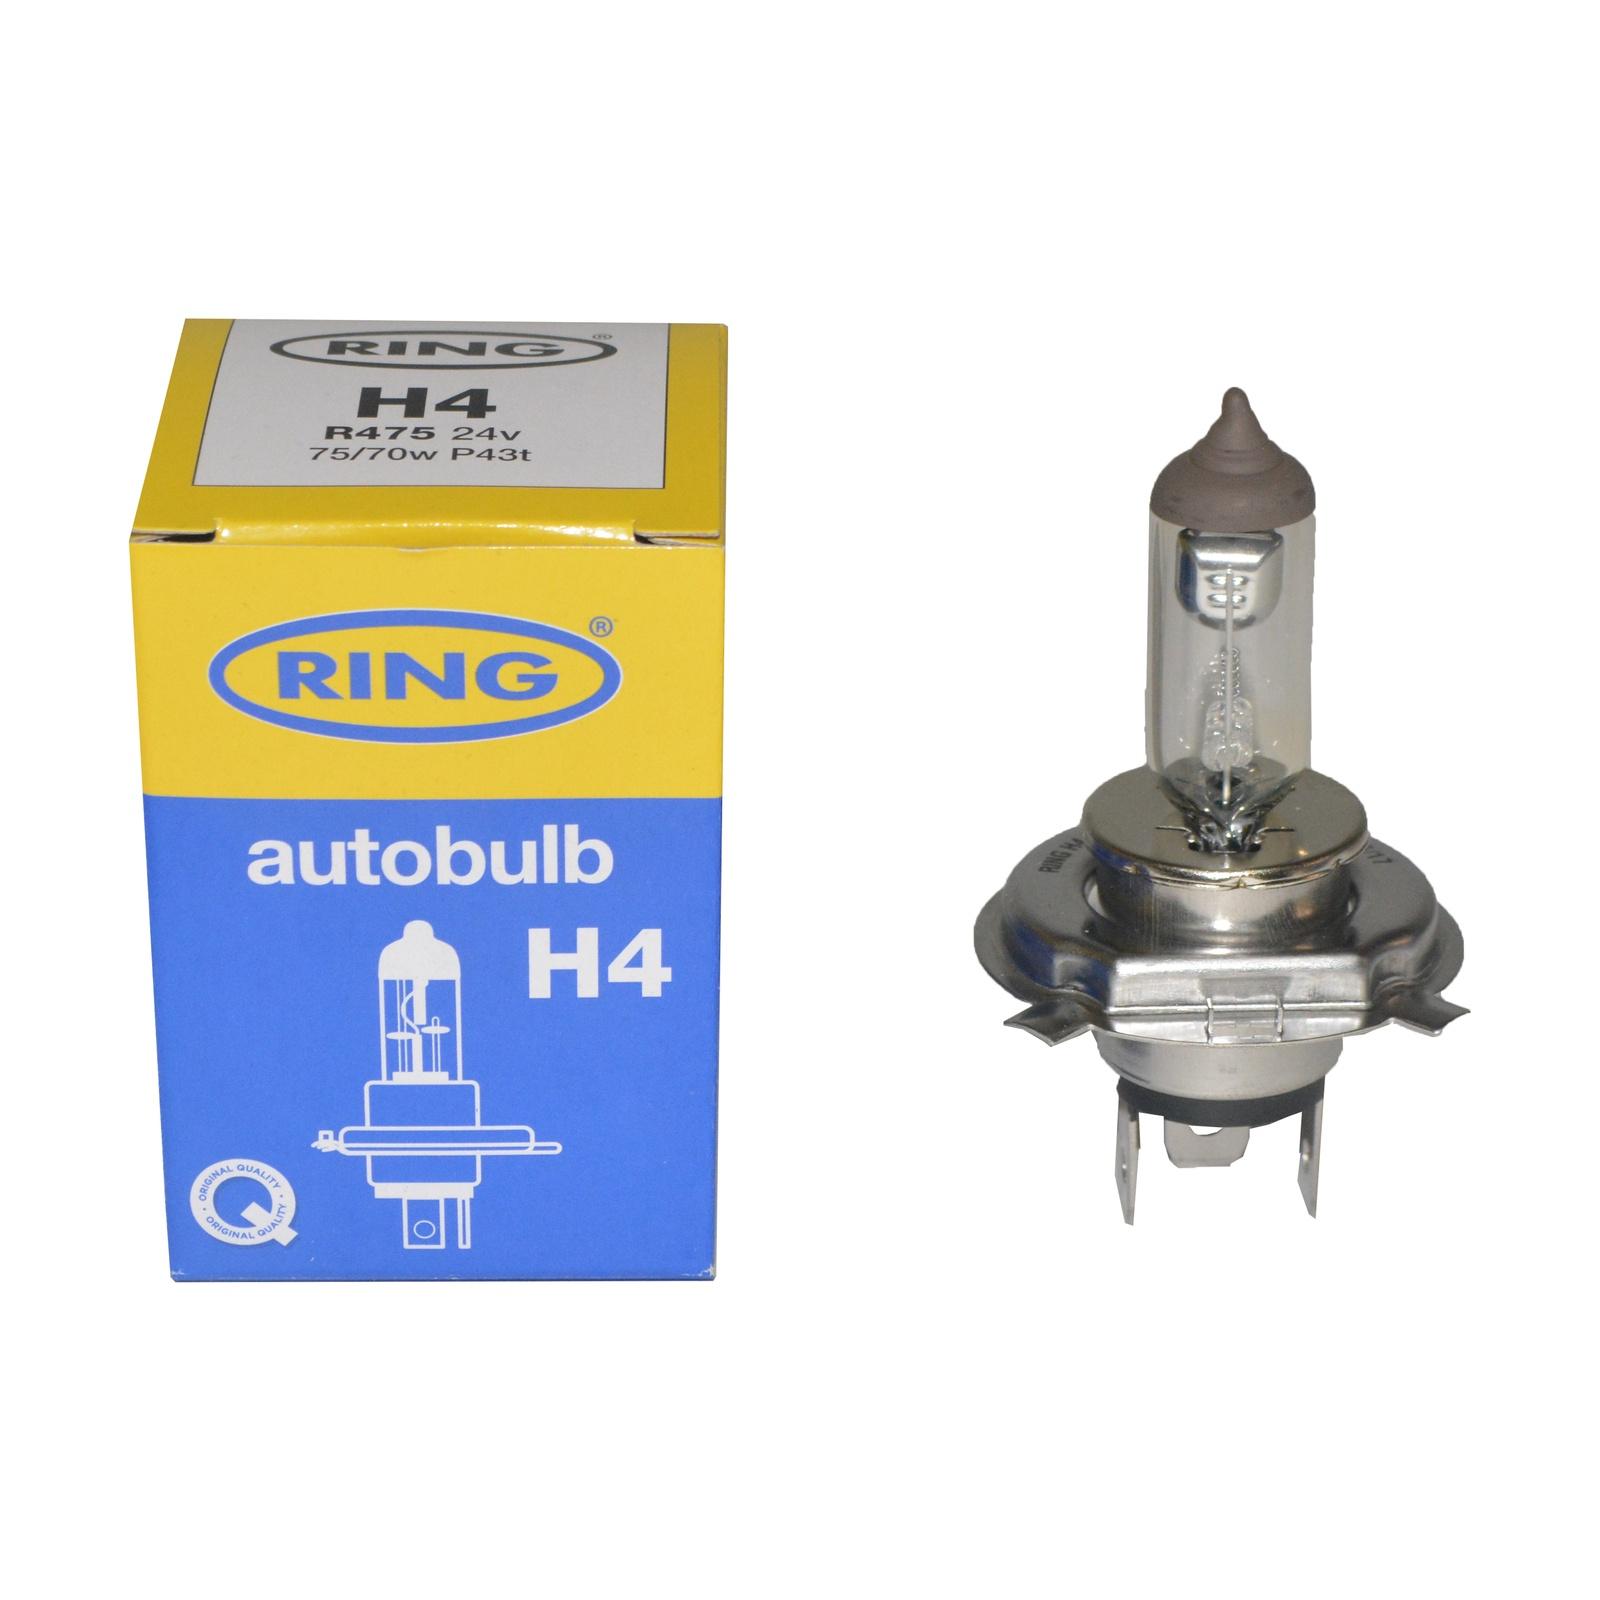 Лампа автомобильная RING H4 60/55W 24V